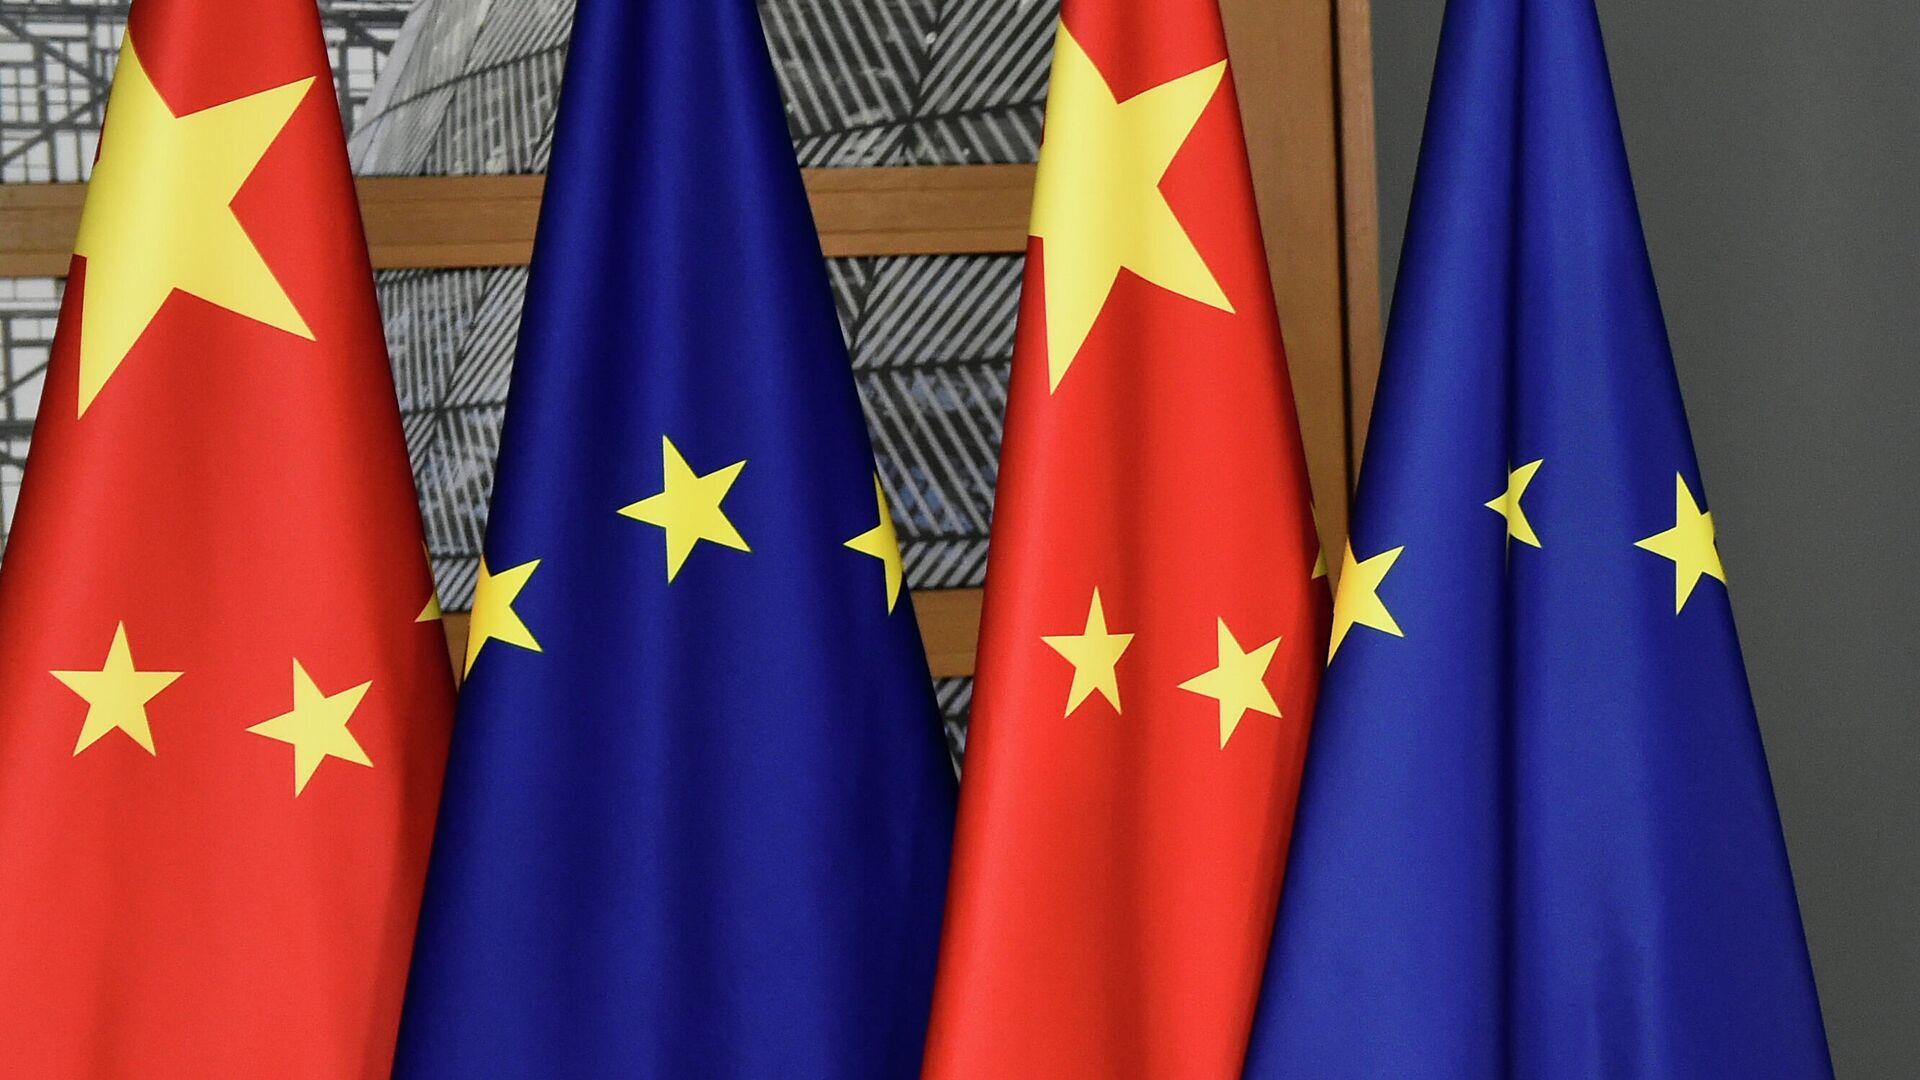 Flaggen Chinas und der EU (Archivbild) - SNA, 1920, 10.09.2021